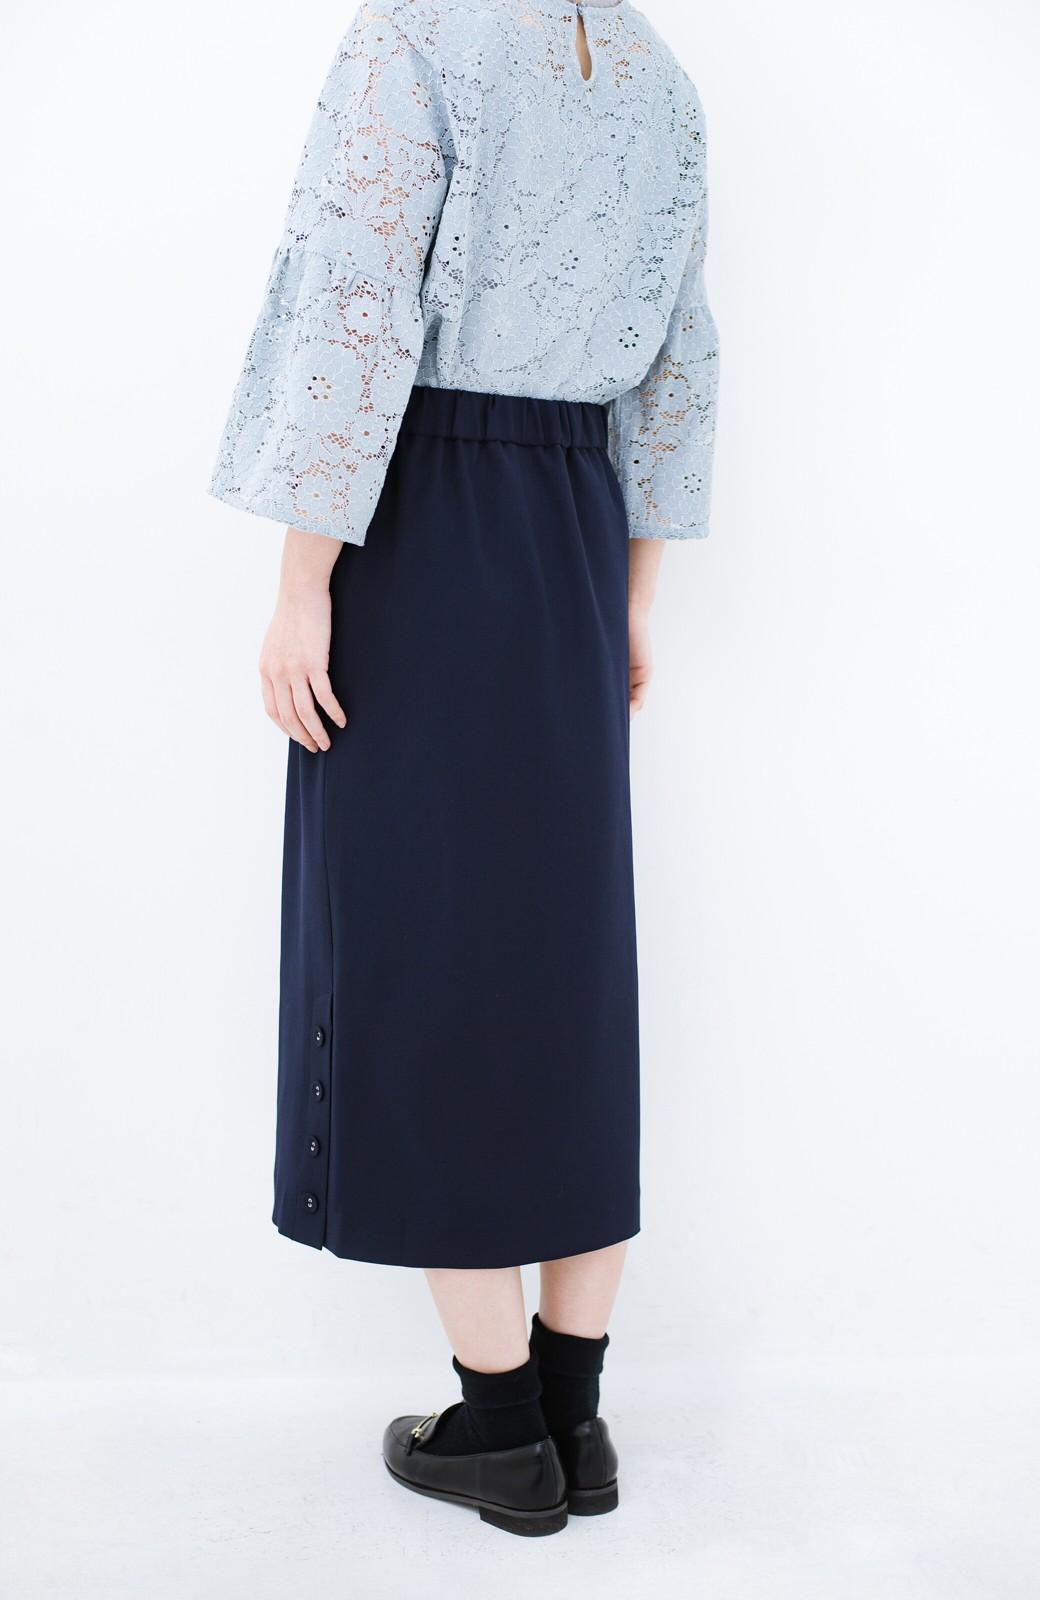 haco! 持っていると便利な野暮ったくならないフォーマルジャケット・スカートの2点セット <ダークネイビー>の商品写真12